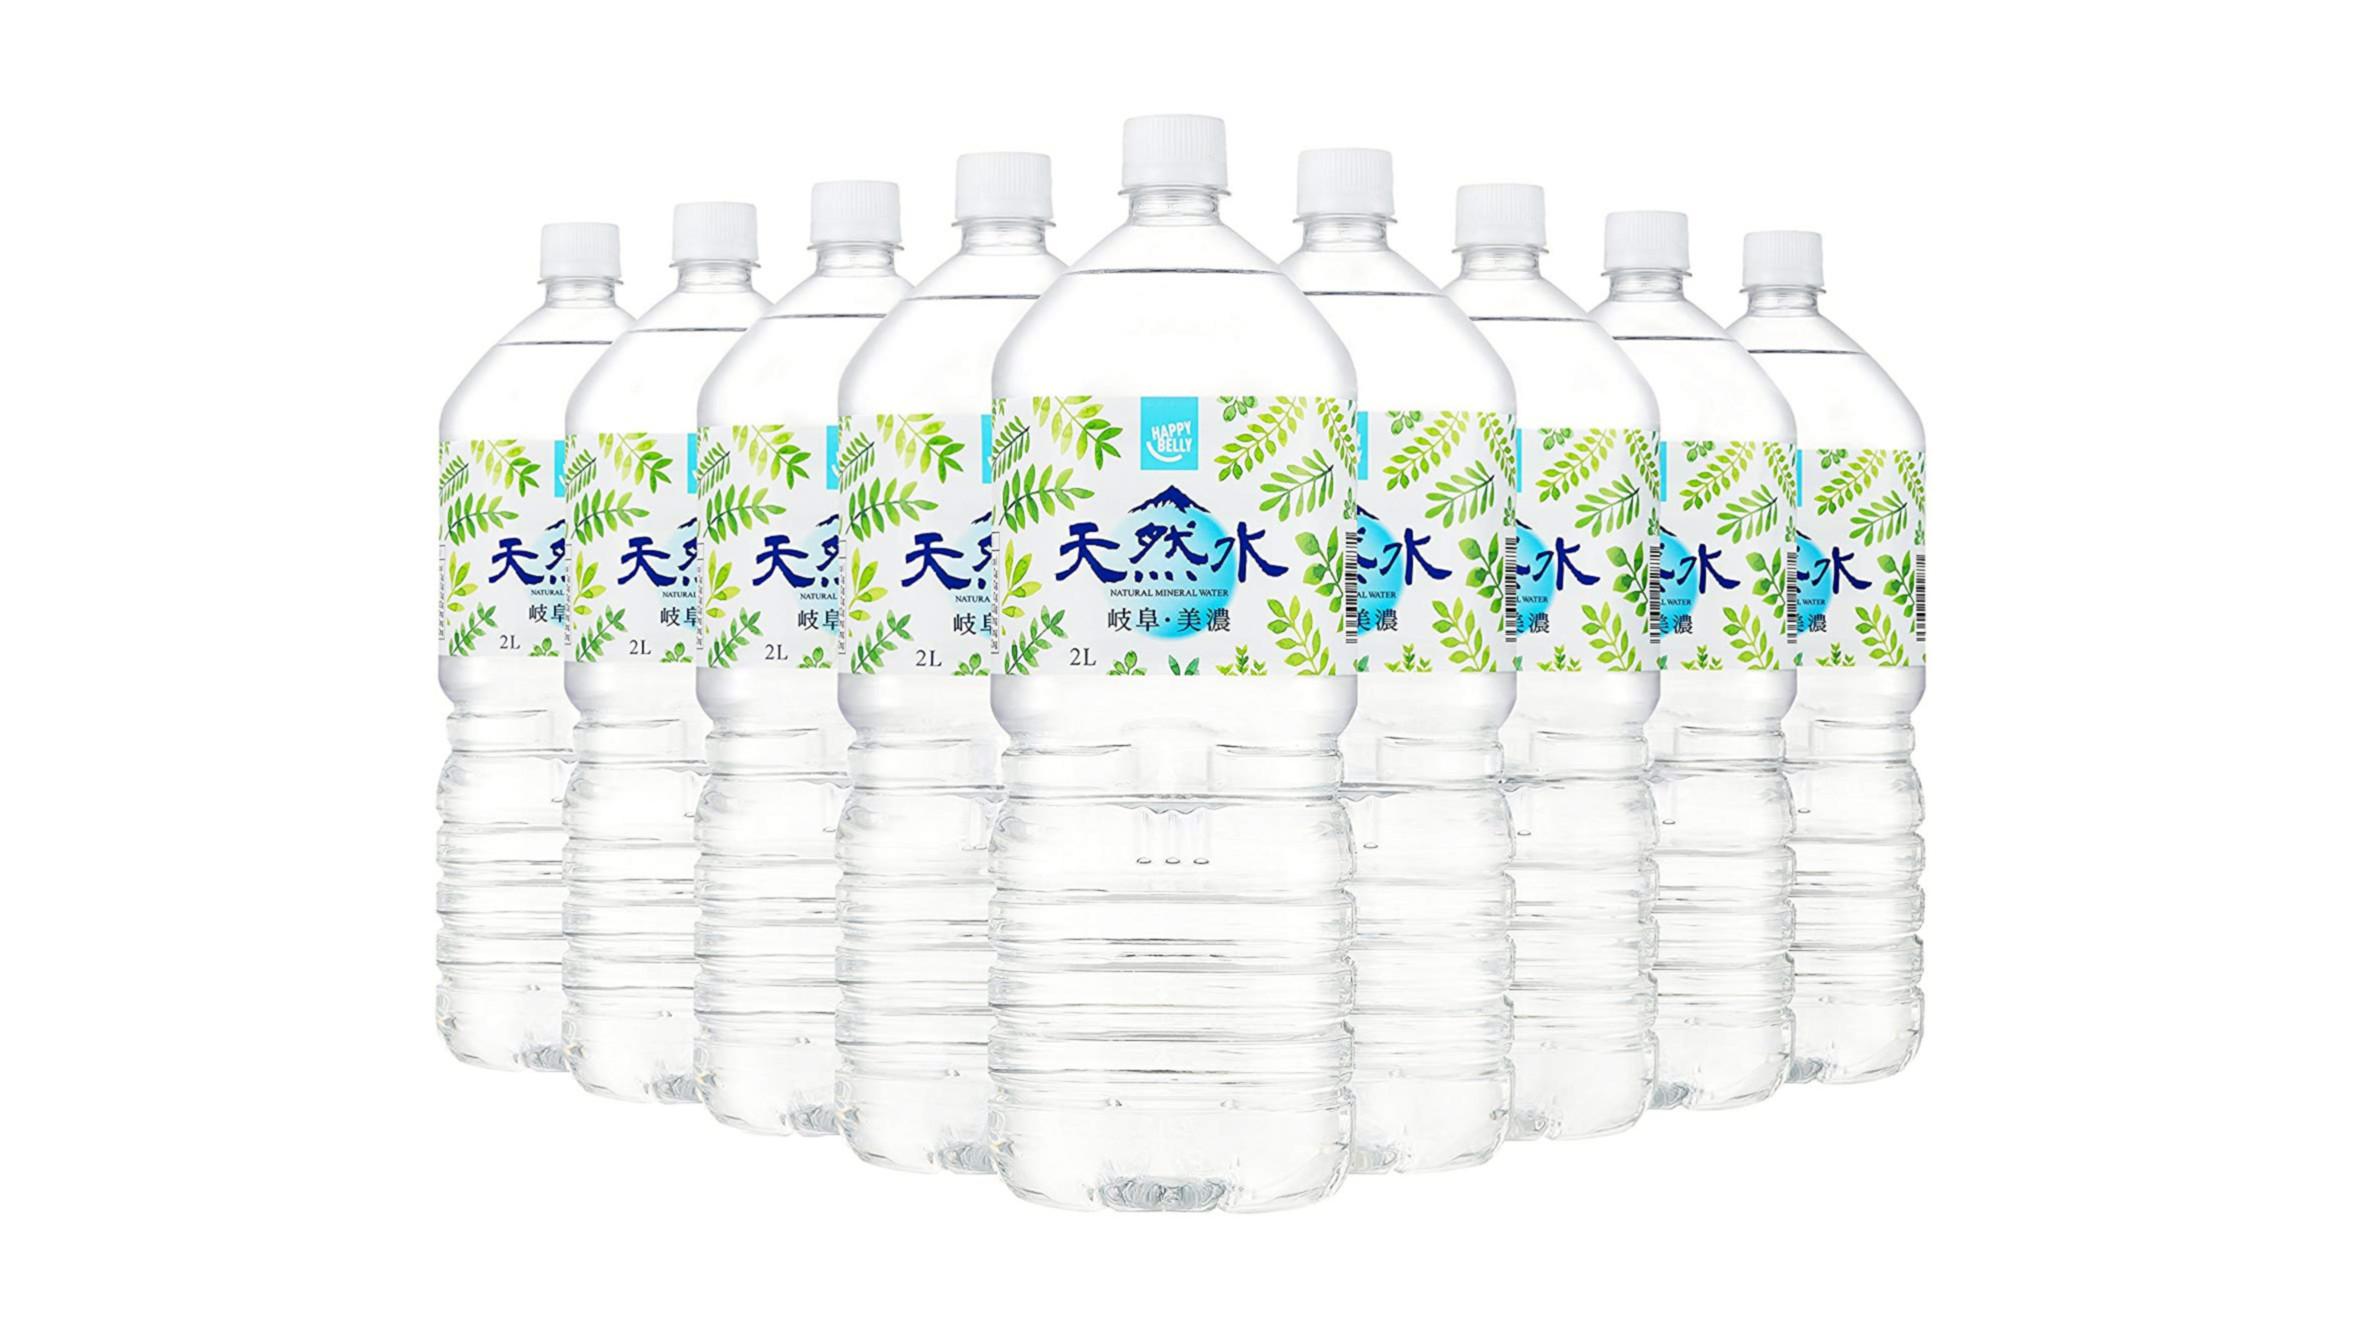 意外と役立つミルク用に最適な水『Happy Belly天然水 岐阜・美濃 』